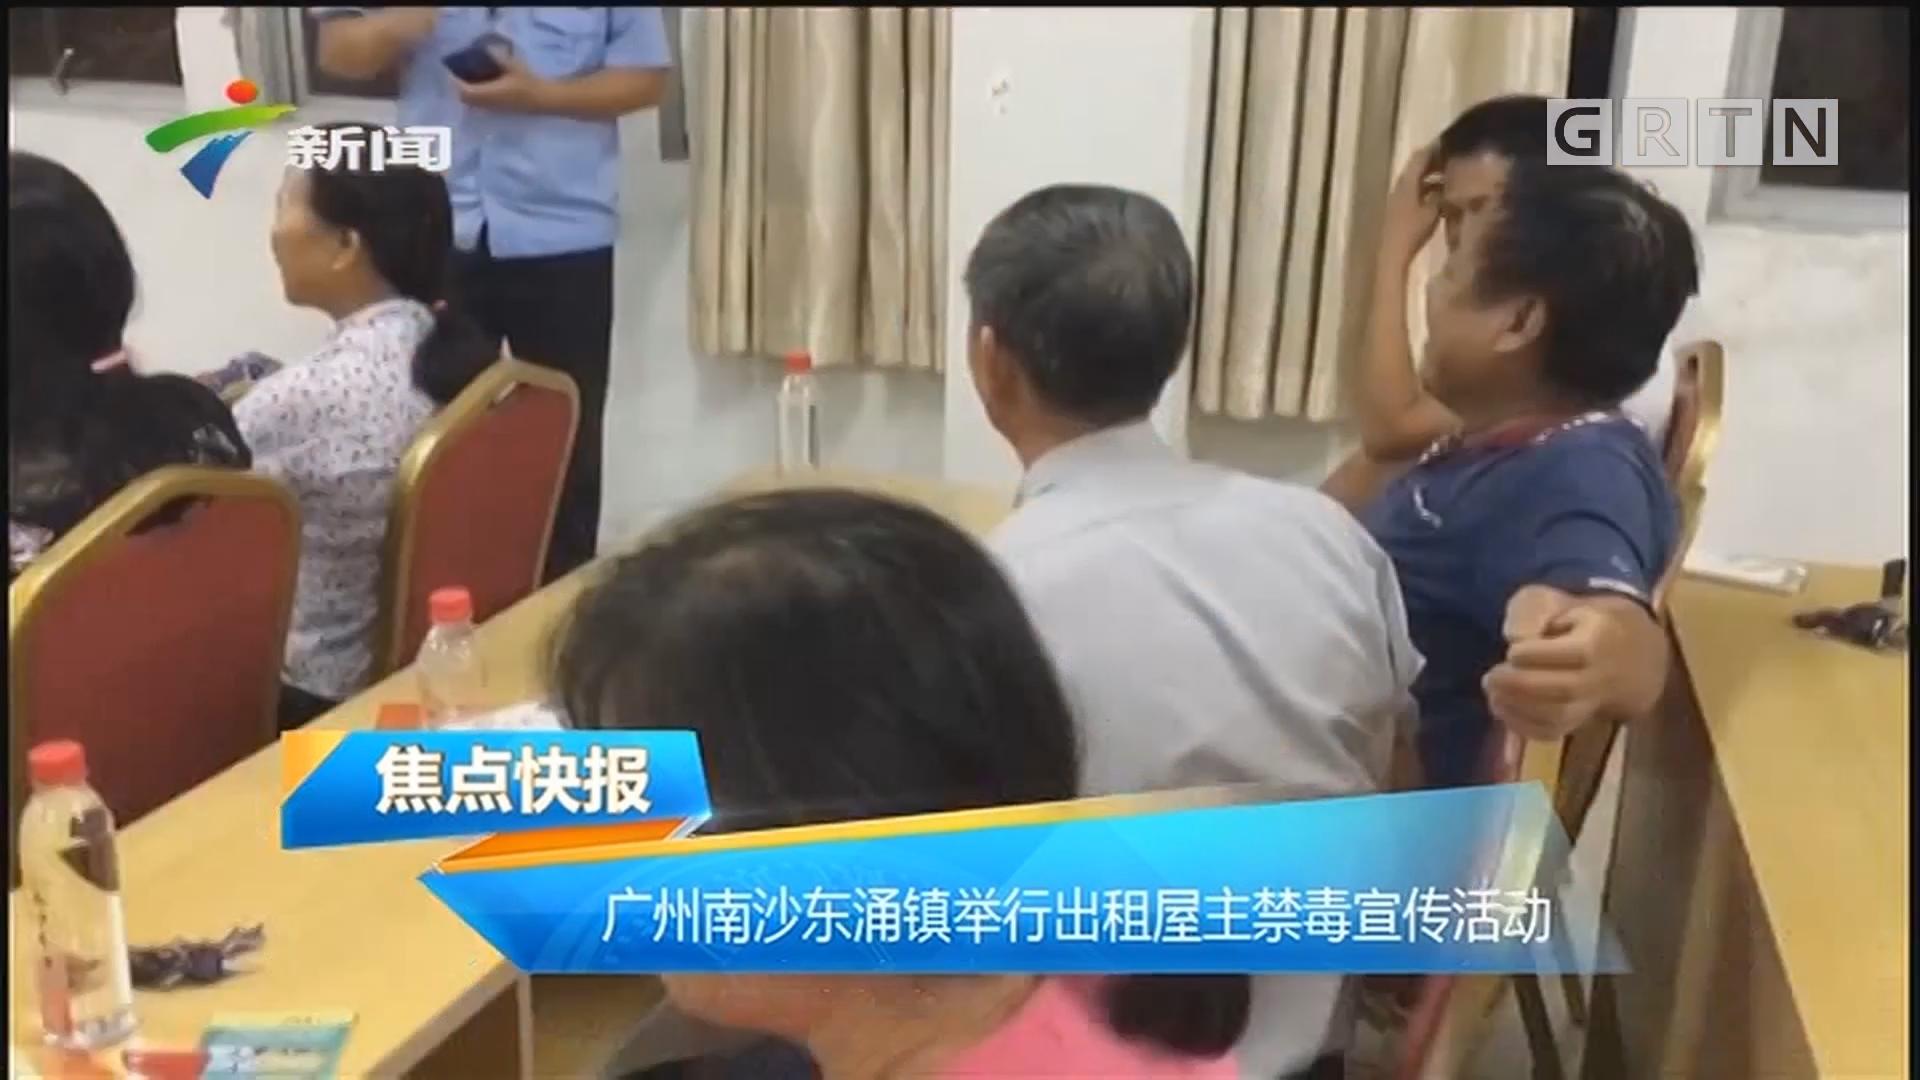 广州南沙东涌镇举行出租屋主禁毒宣传活动